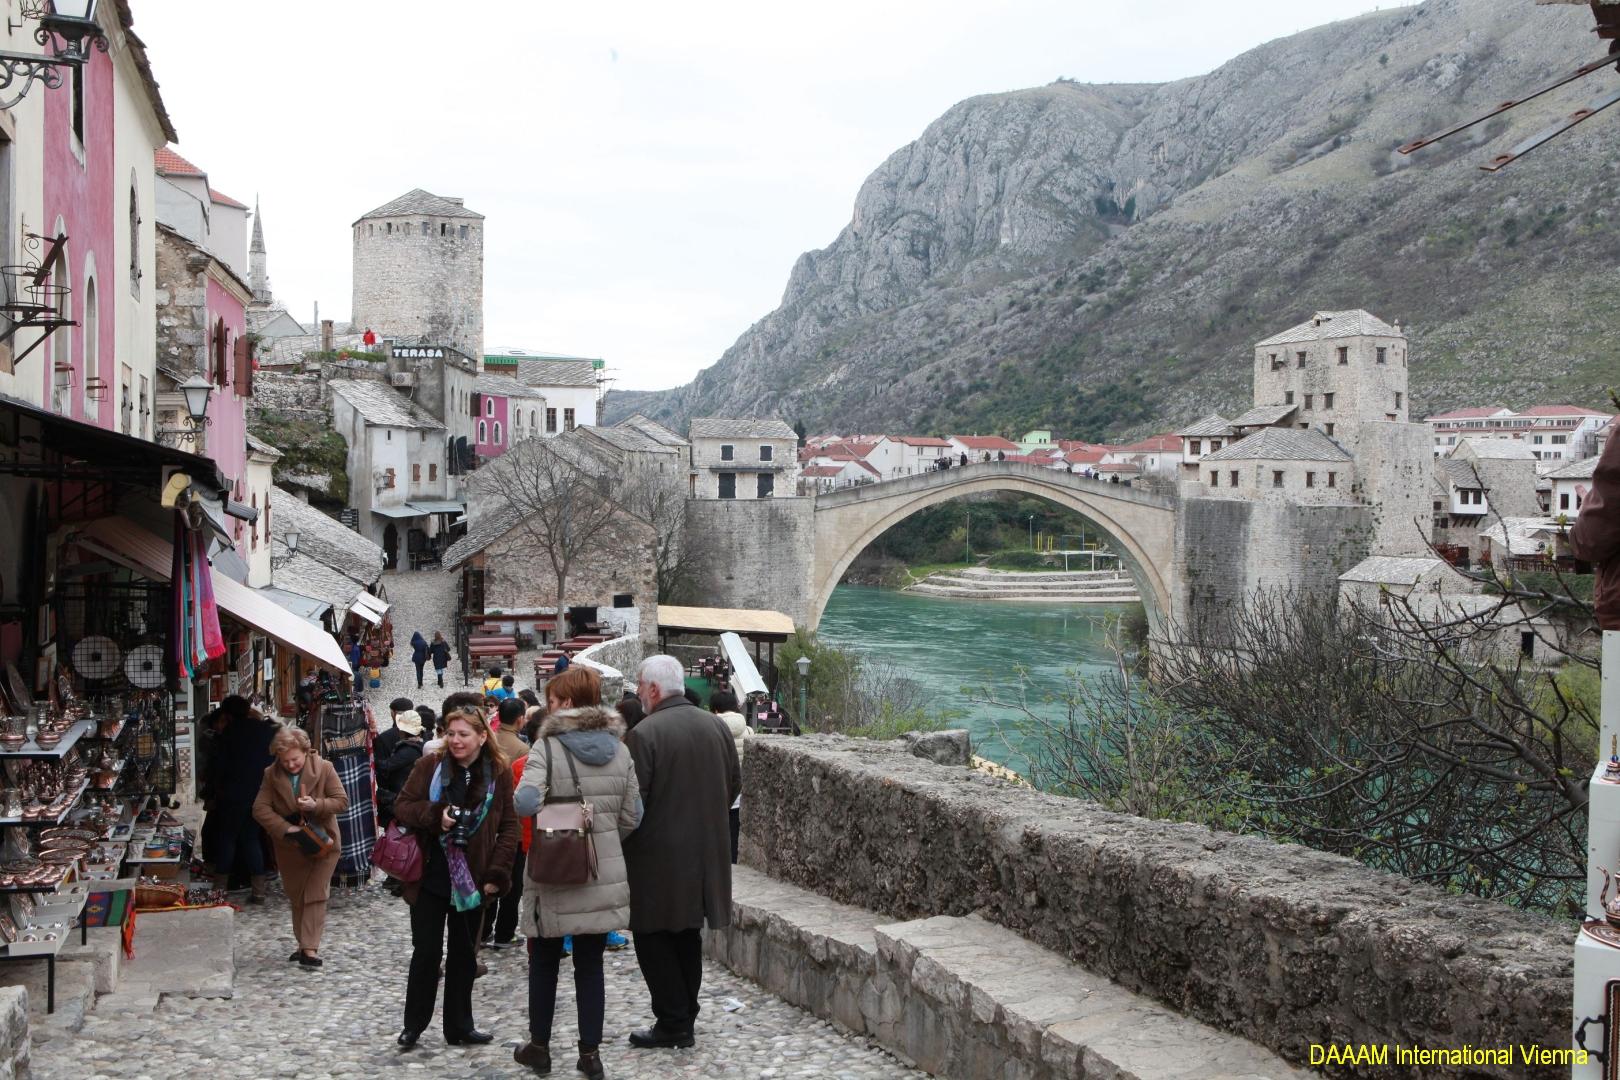 DAAAM_2016_Mostar_01_Magic_City_of_Mostar_099